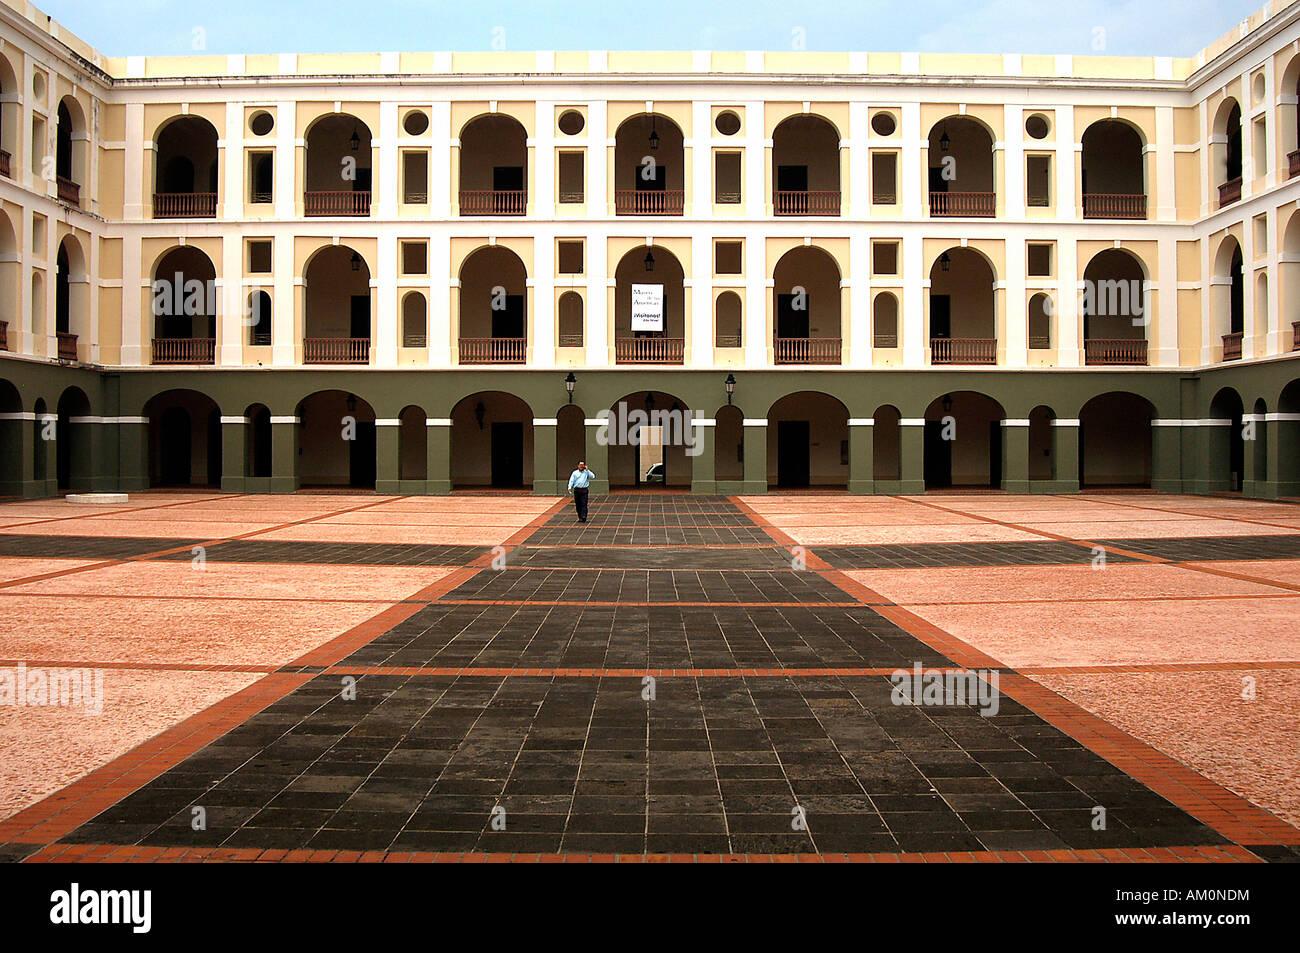 A man walks through the courtyard of the Cuartel de Ballaja in Puerto Rico's Old San Juan. - Stock Image